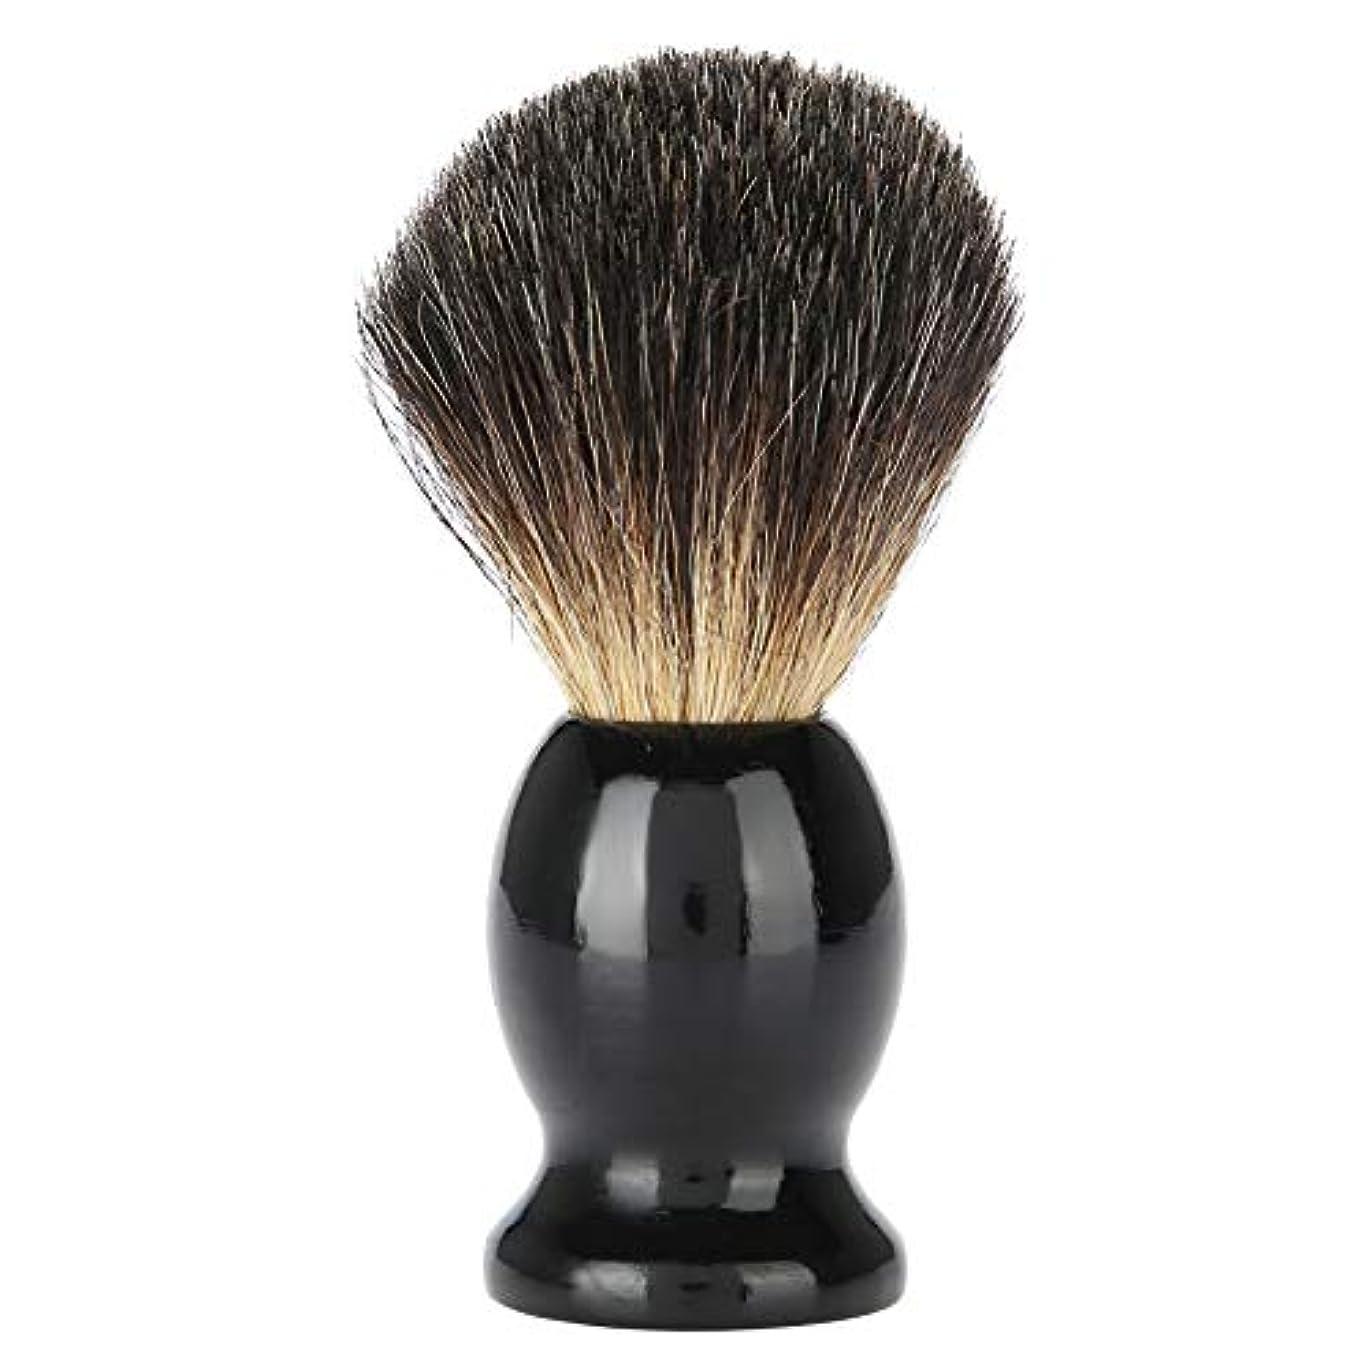 わかりやすい教会ブリリアントQinlorgo シェービングブラシ メンズ シェービングブラシ 木製あごひげクリーニングブラシ 髭ブラシ 男性用シェービング用